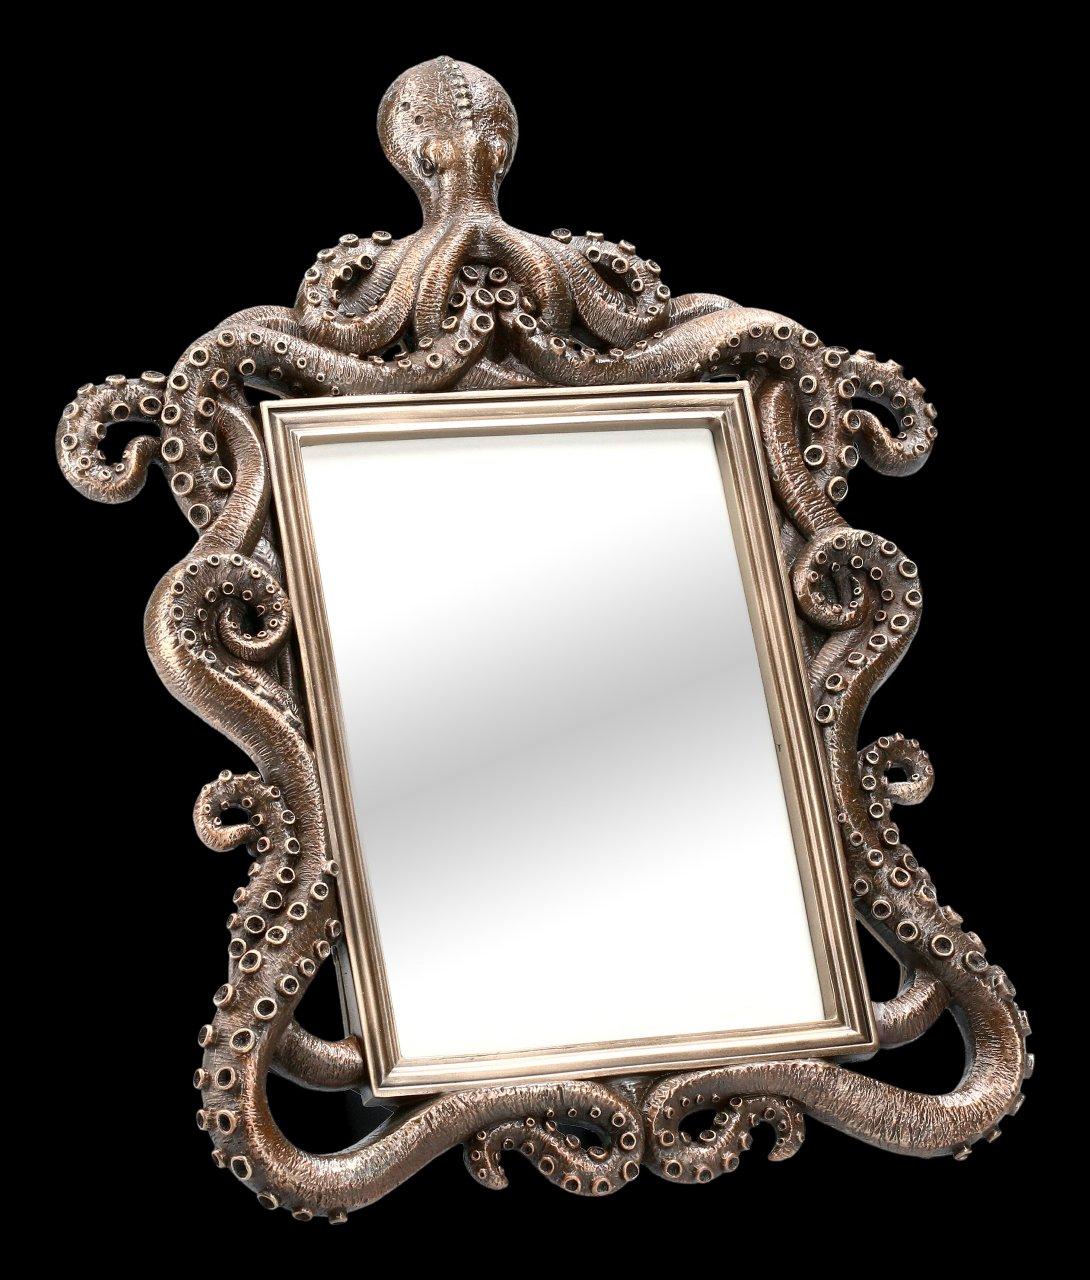 Kraken Mirror - Octopus